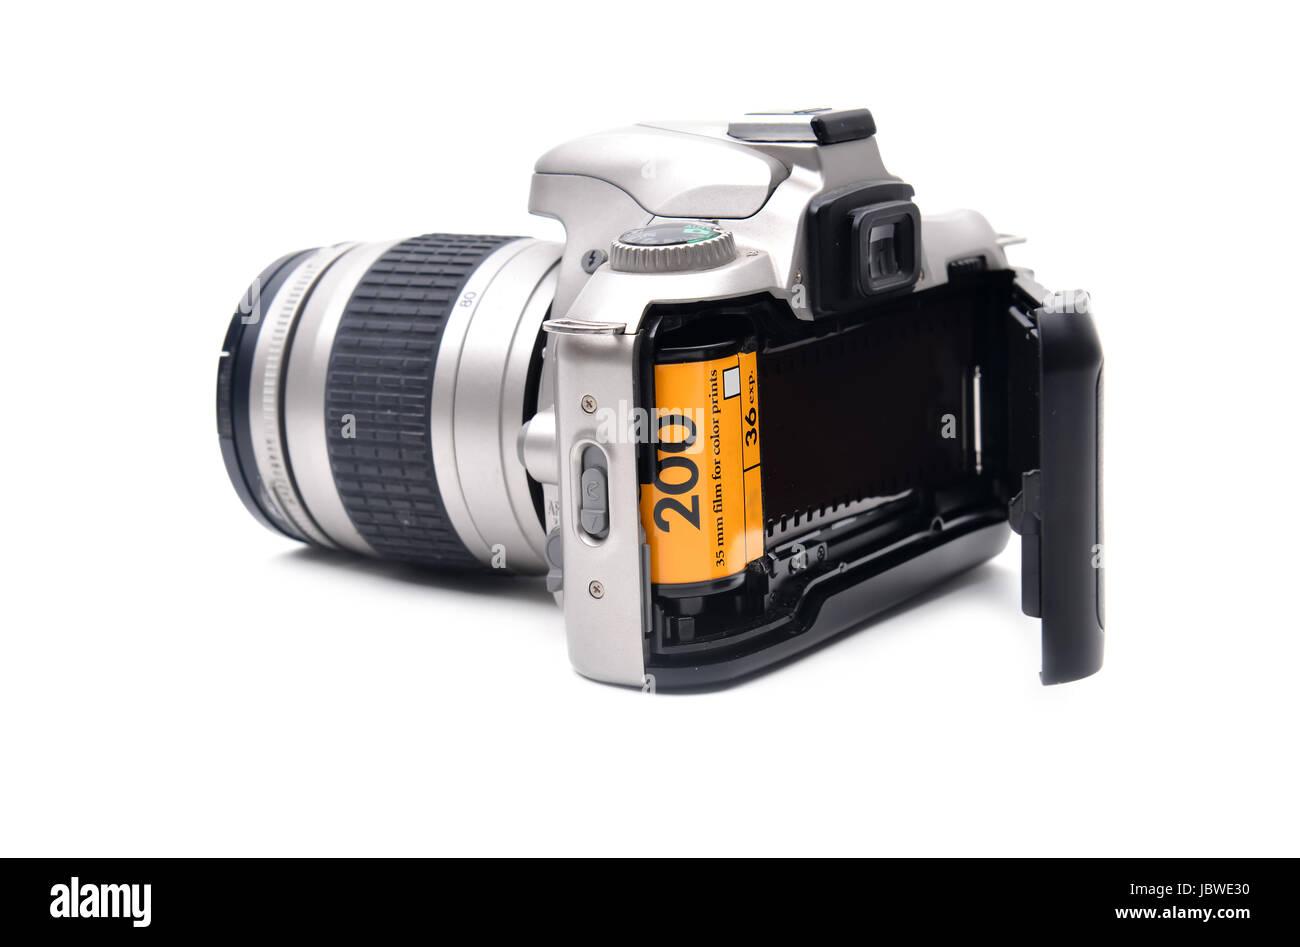 Macchina Fotografica Con Pellicola Da 35 Mm Su Sfondo Bianco Foto Stock Alamy